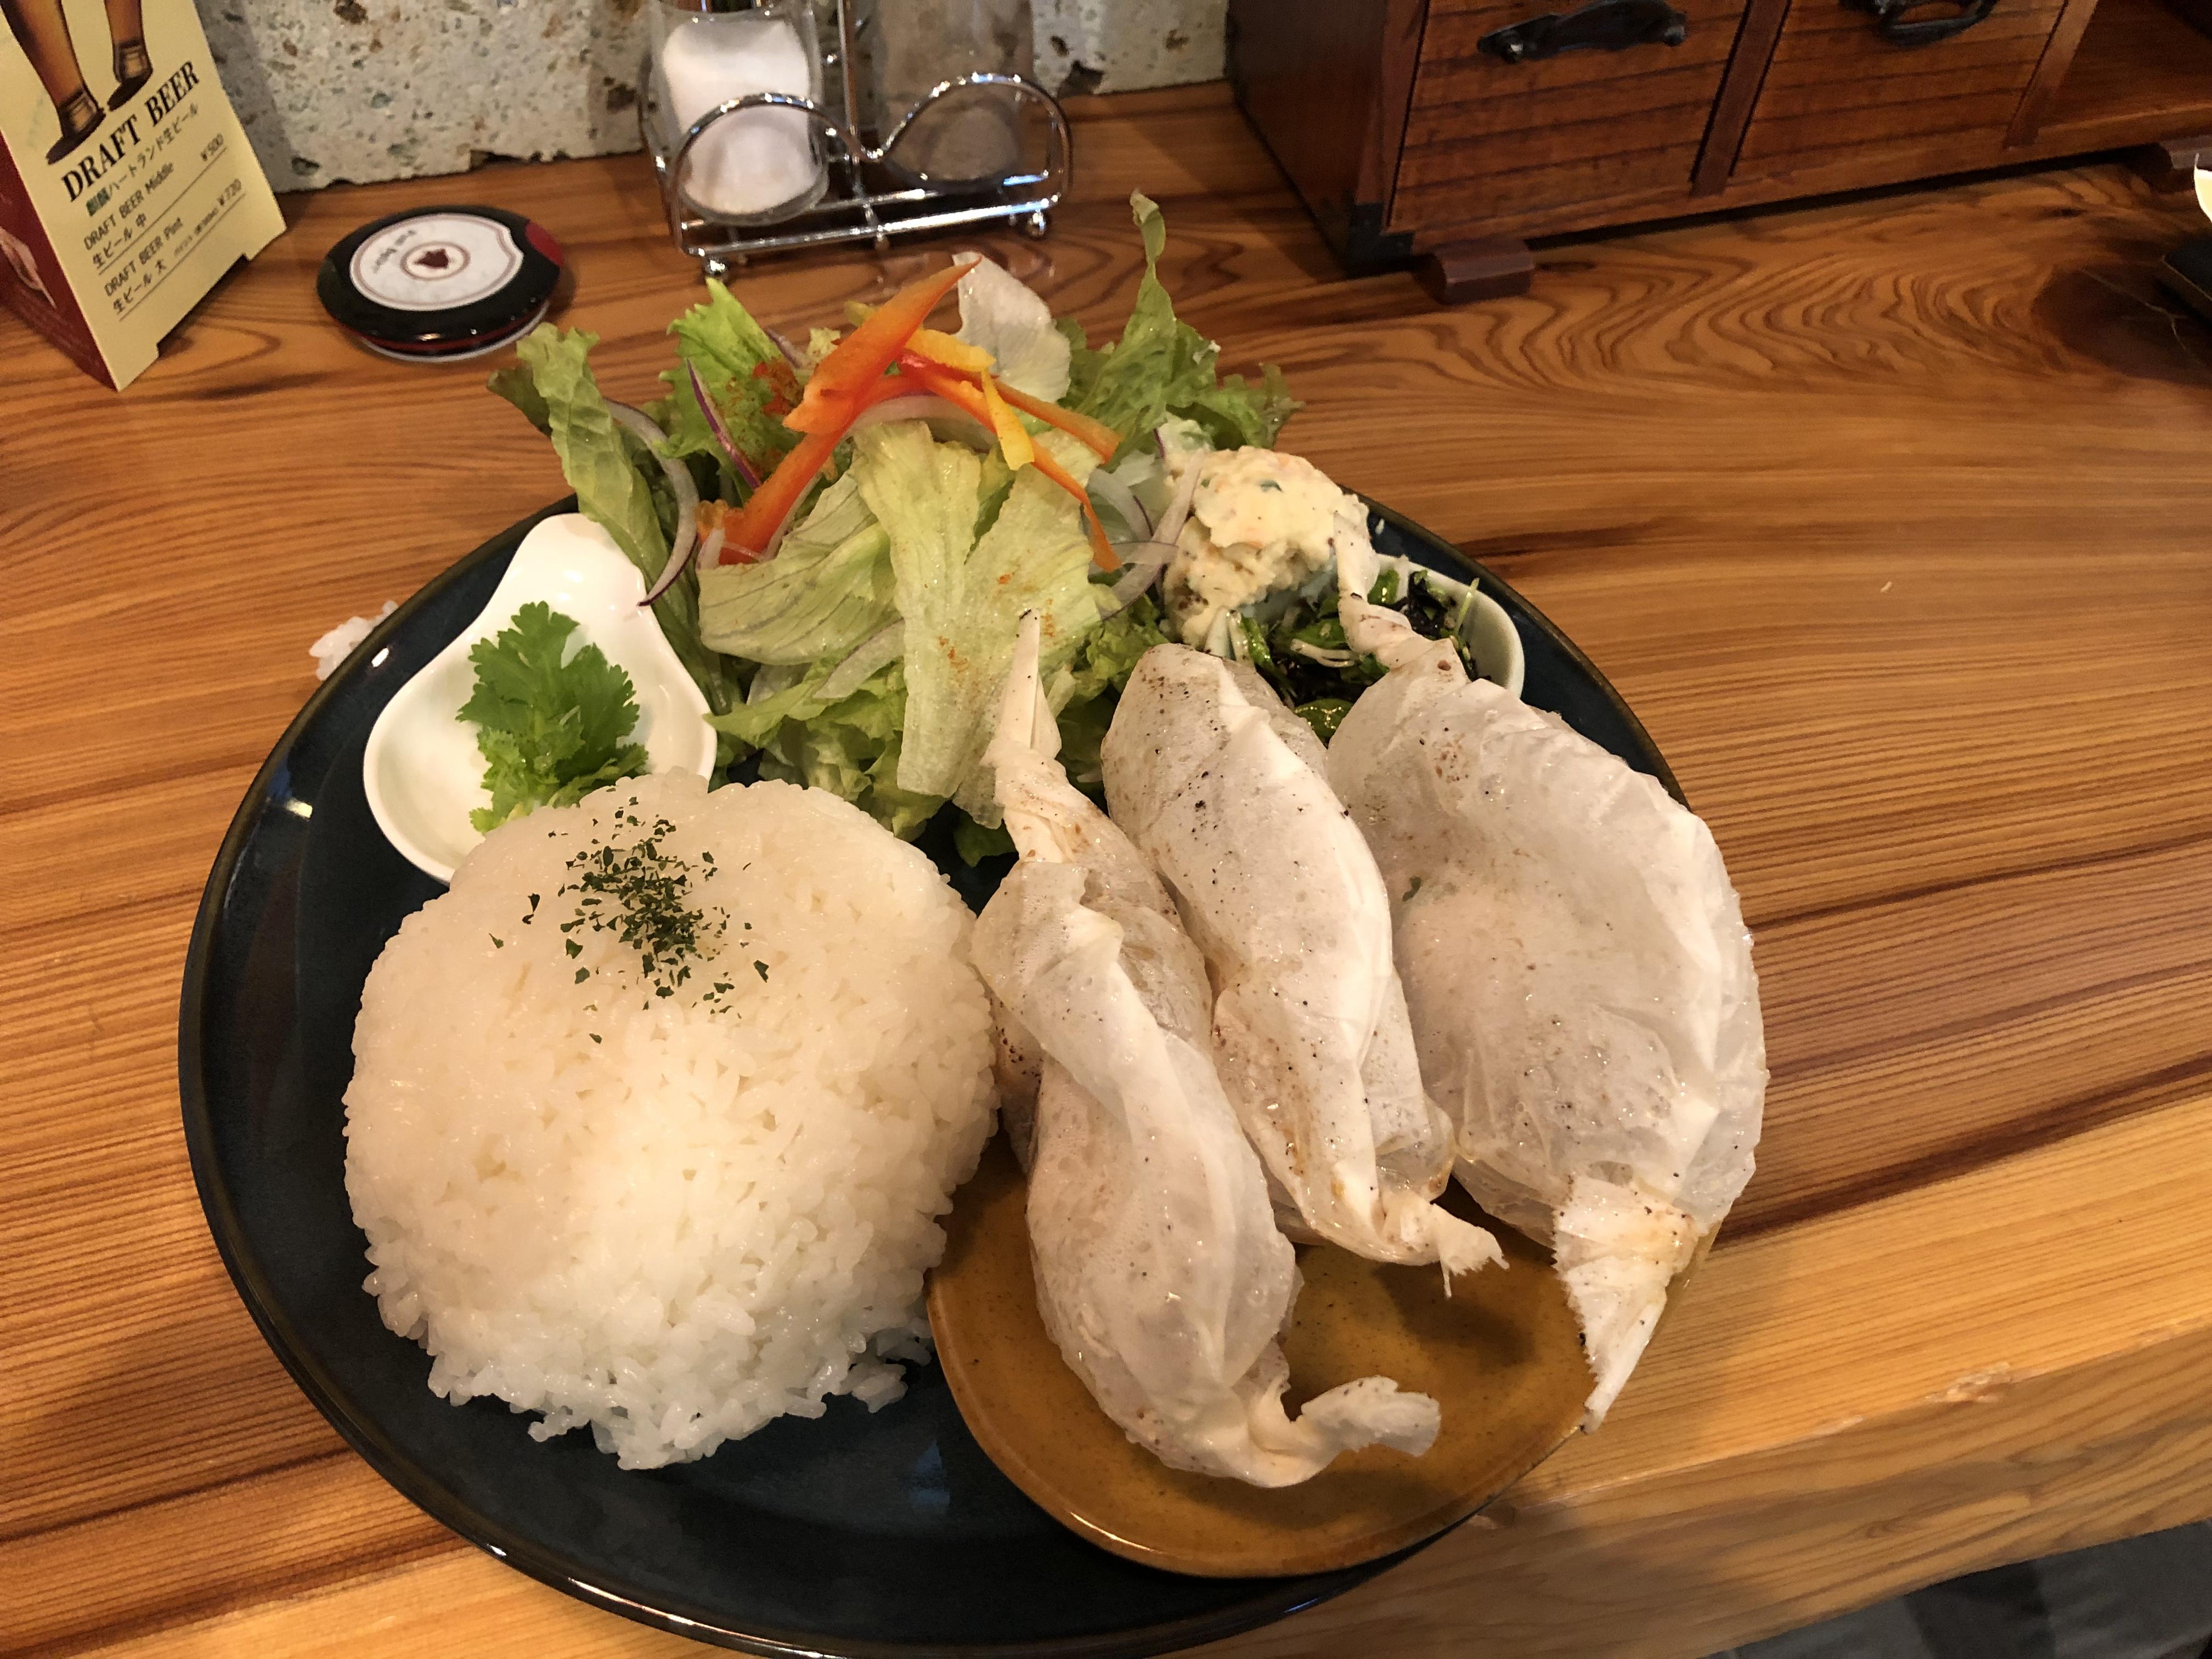 9月1日オープン、世界各国の料理が味わえるカフェSeason1にて包み焼きペーパーチキンを食べてきました